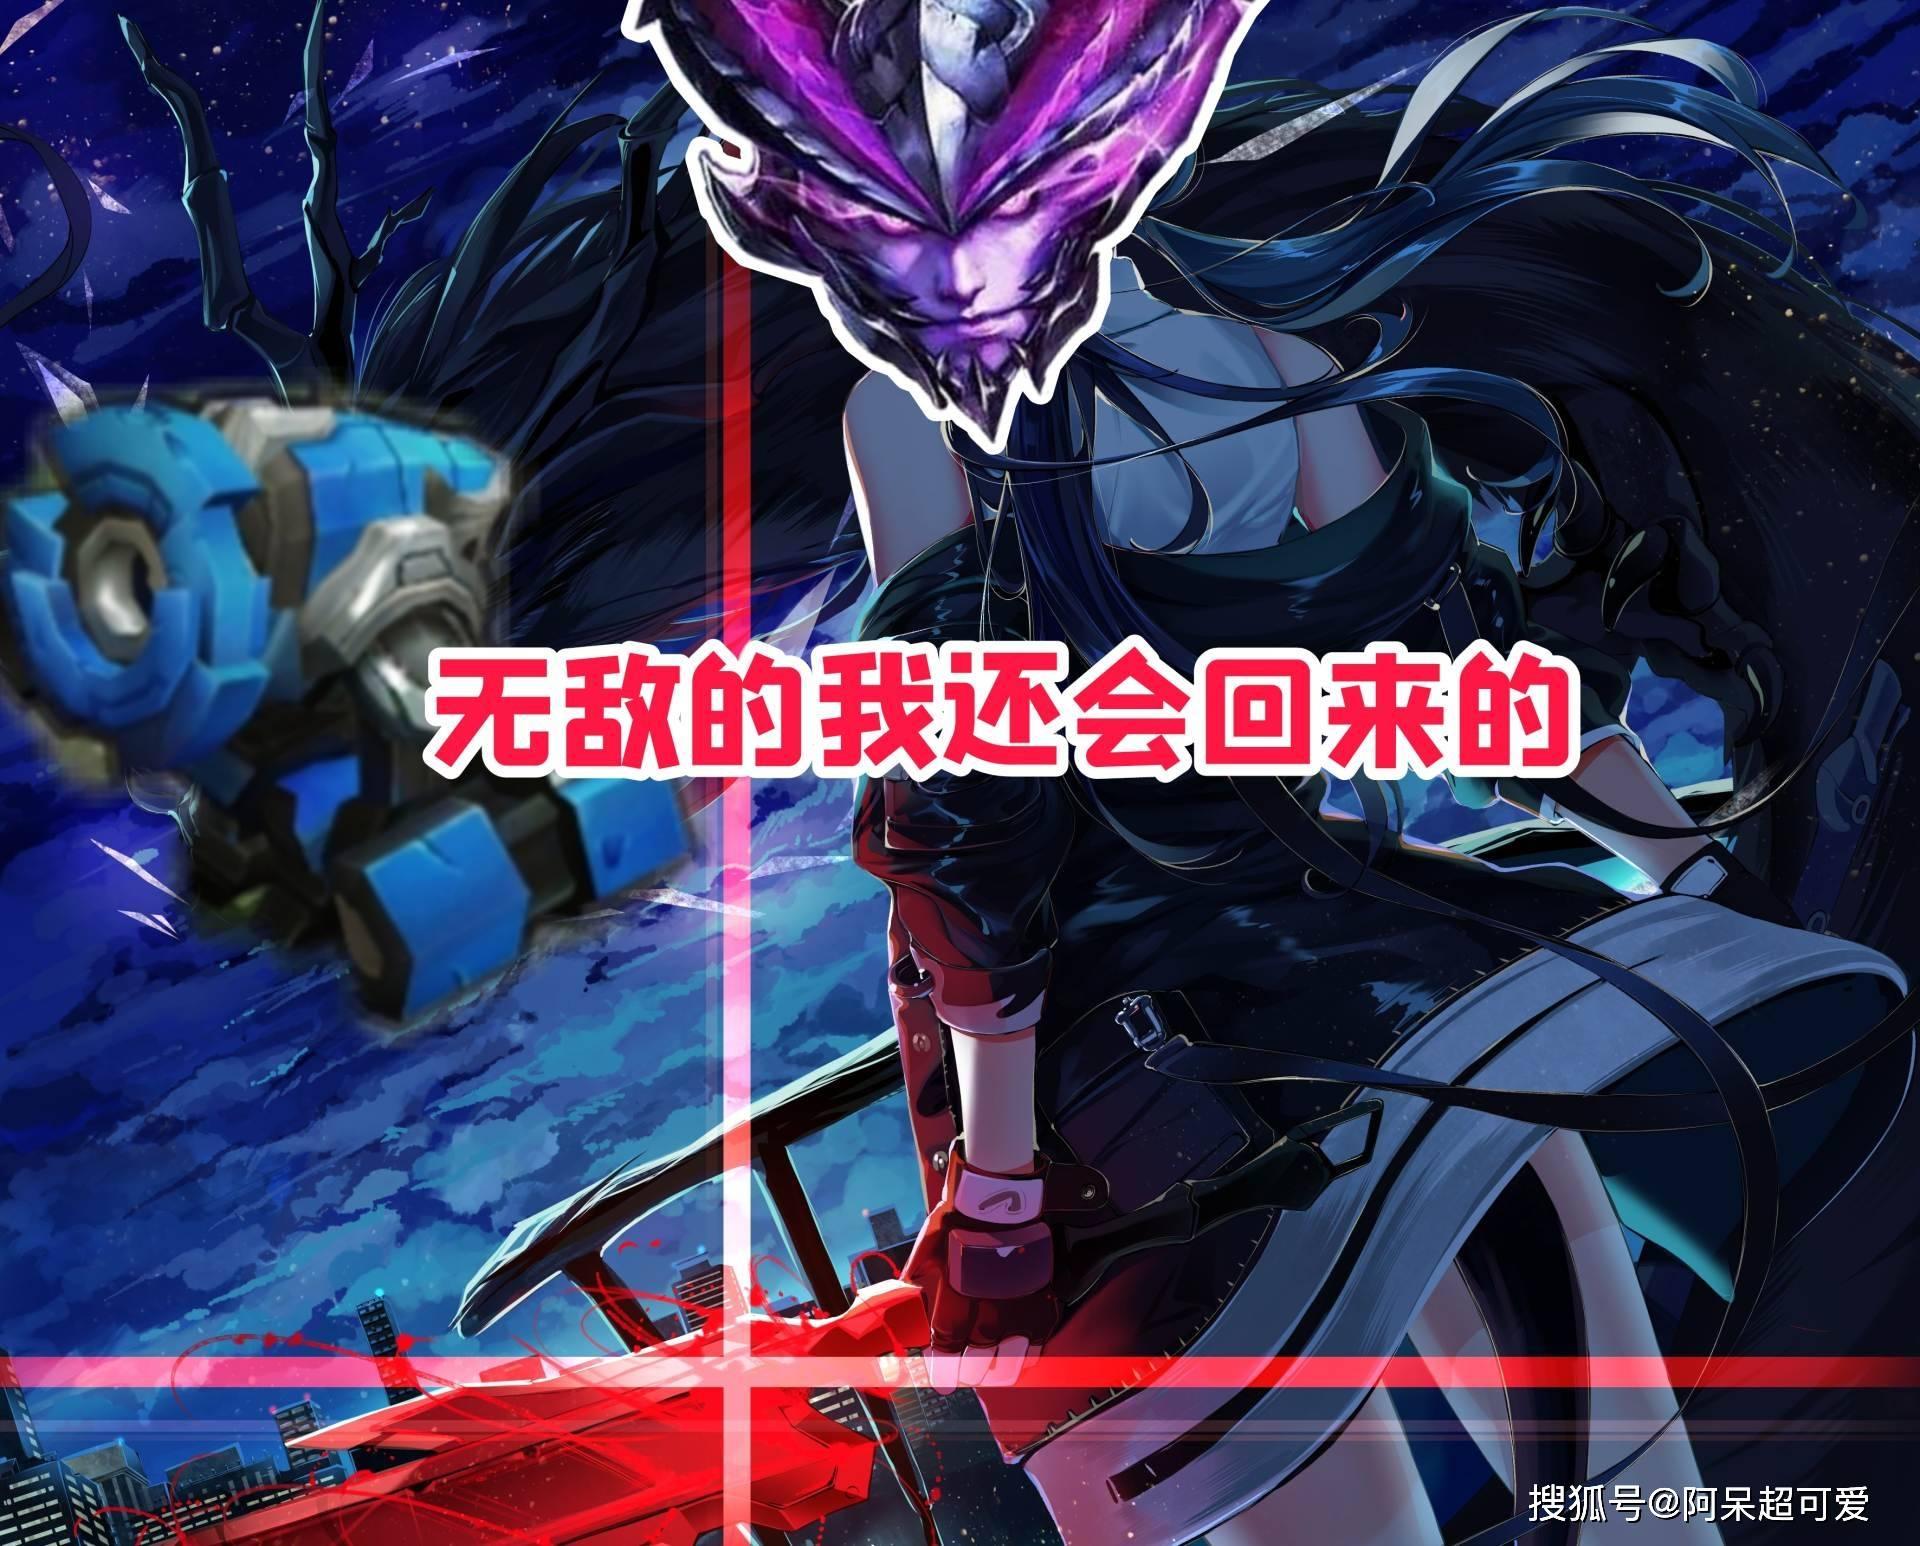 又一位热门英雄重做,宫本武藏已确认取消,甄姬即将迎来巅峰